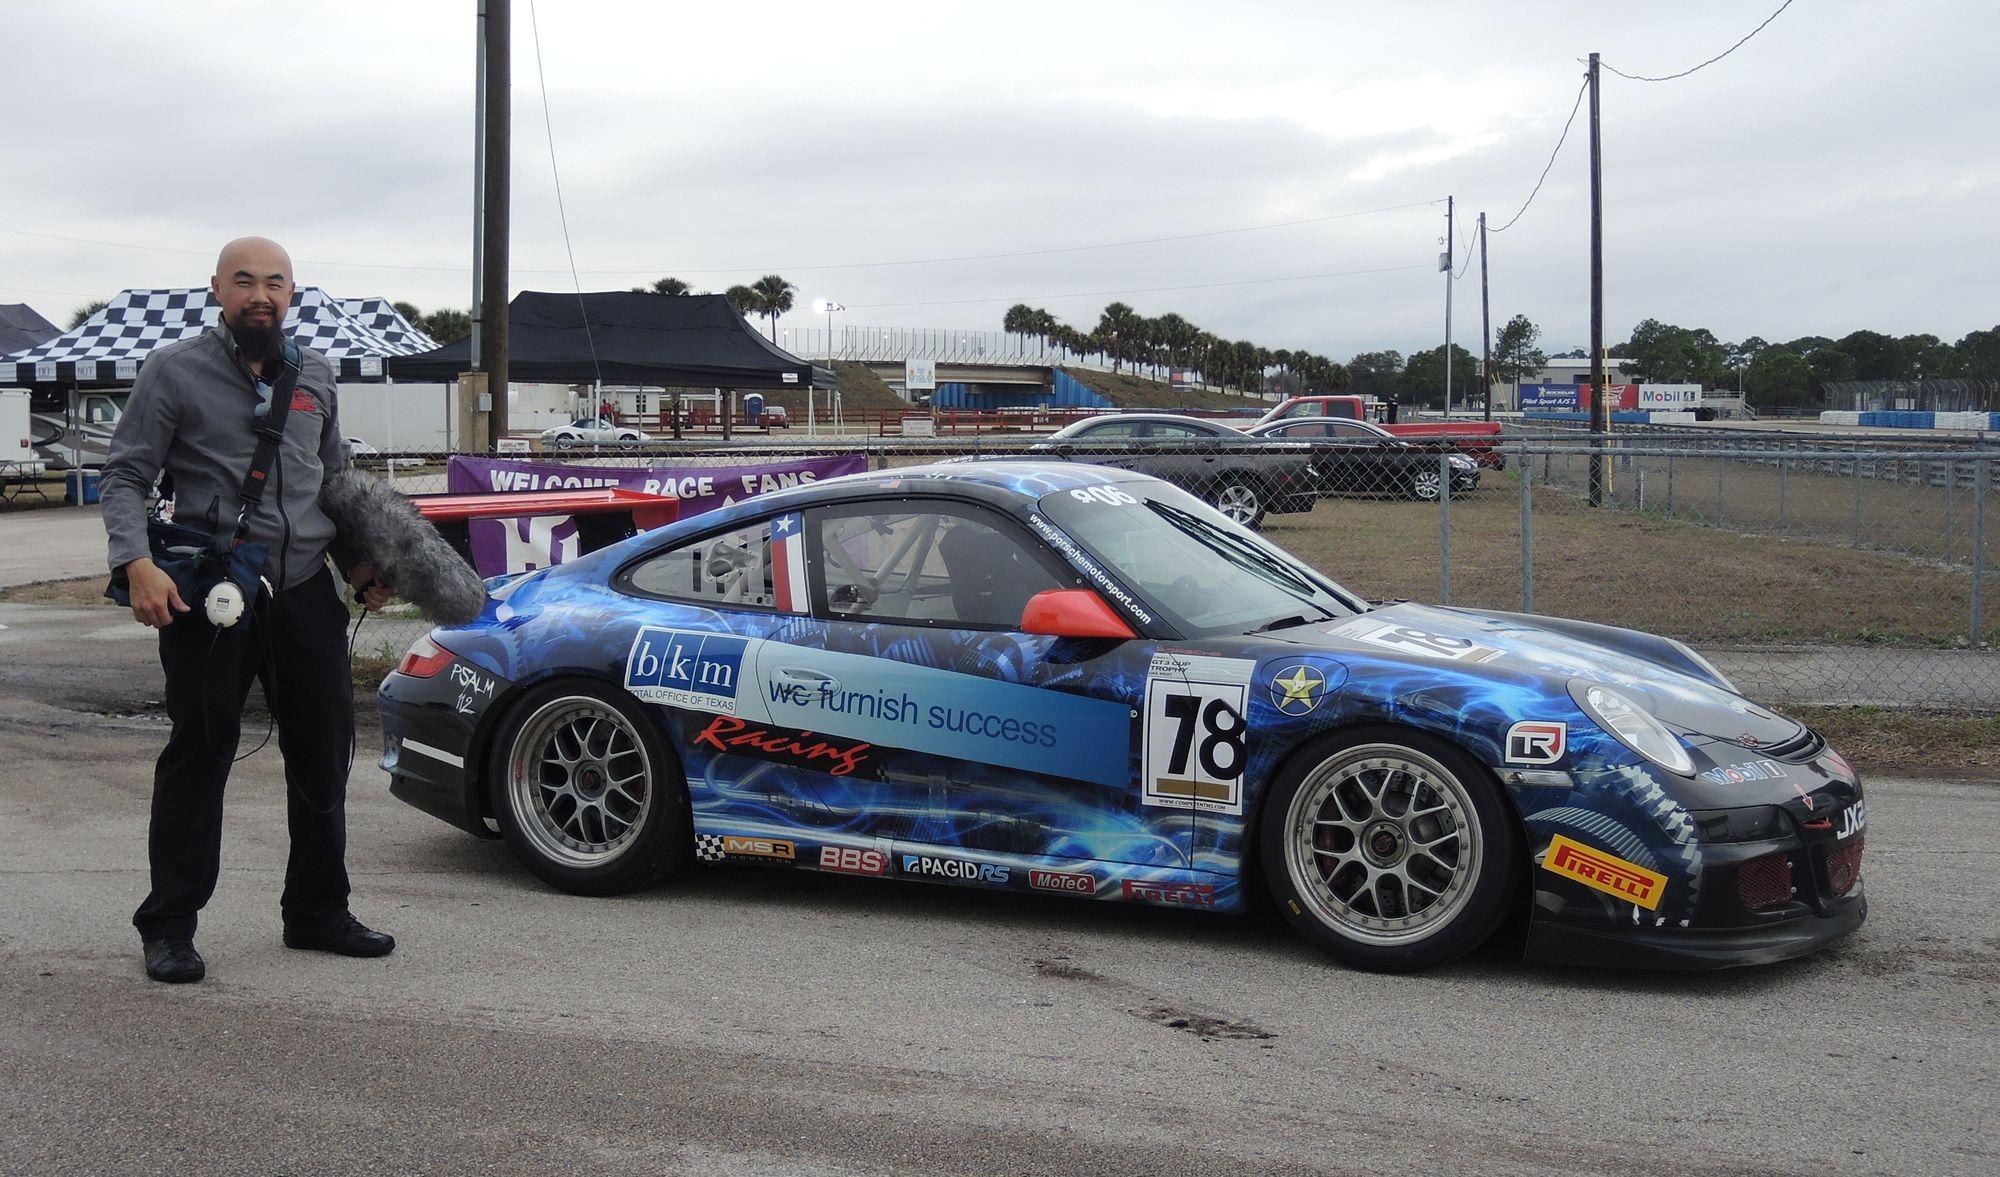 DSCN6586 Watson& Porsche Race Car cropped resized.jpg